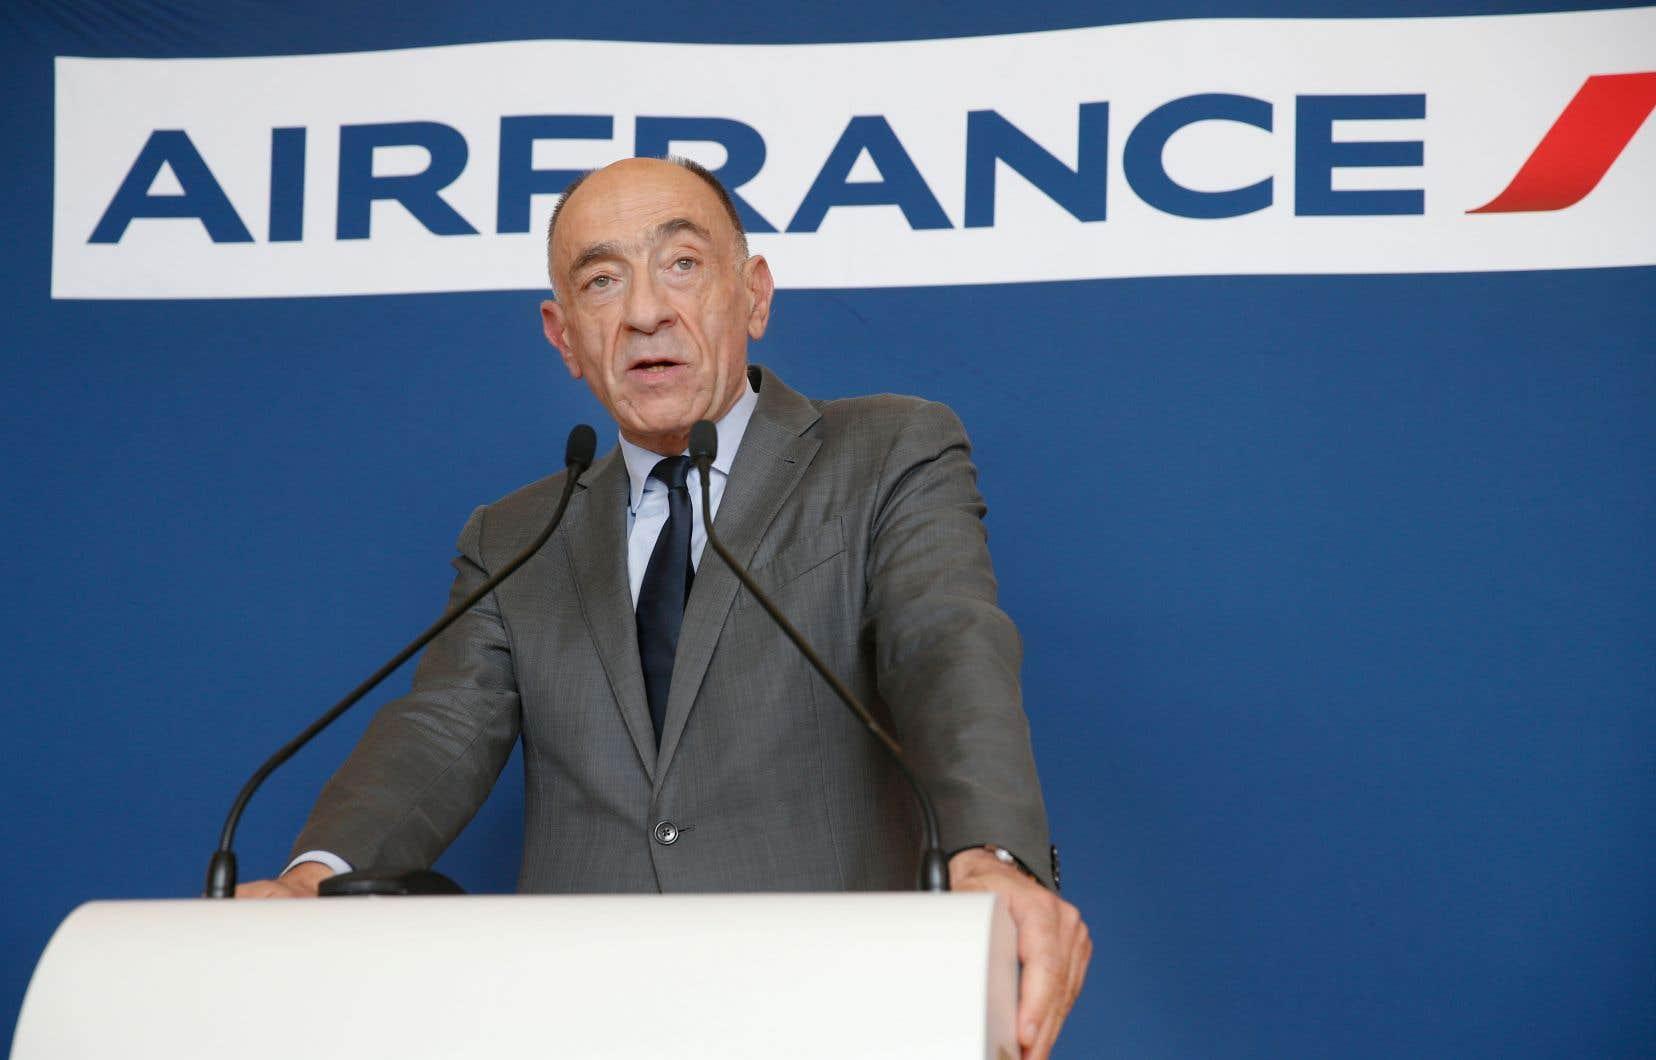 Le patron d'Air France-KLM, Jean-Marc Janaillac, a démissionné vendredi après que les employés eurent rejeté les dernières offres salariales de la partie patronale.